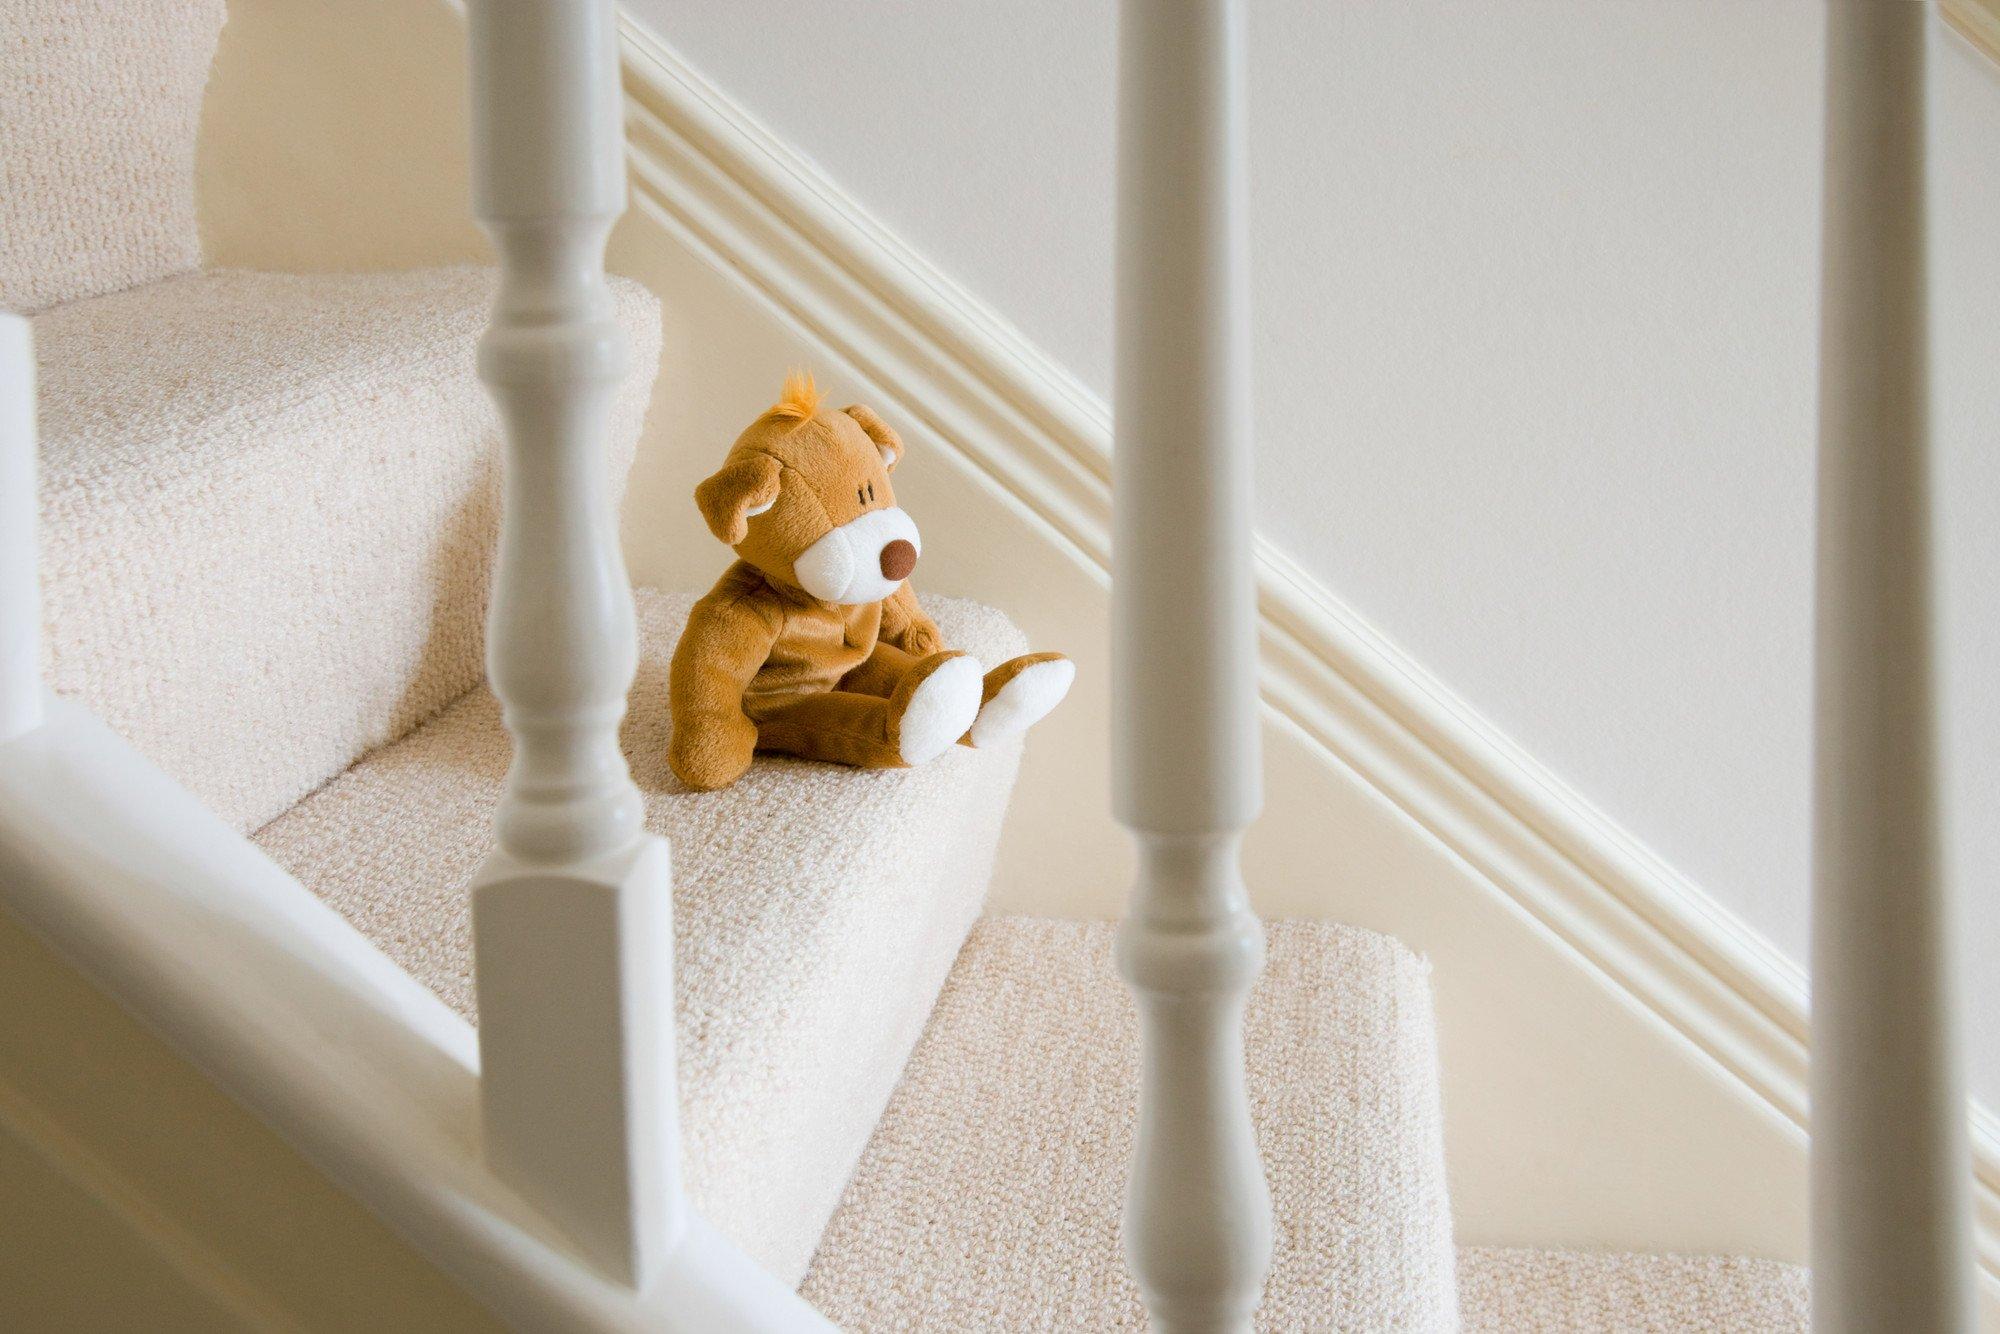 Teddy bear on stairs